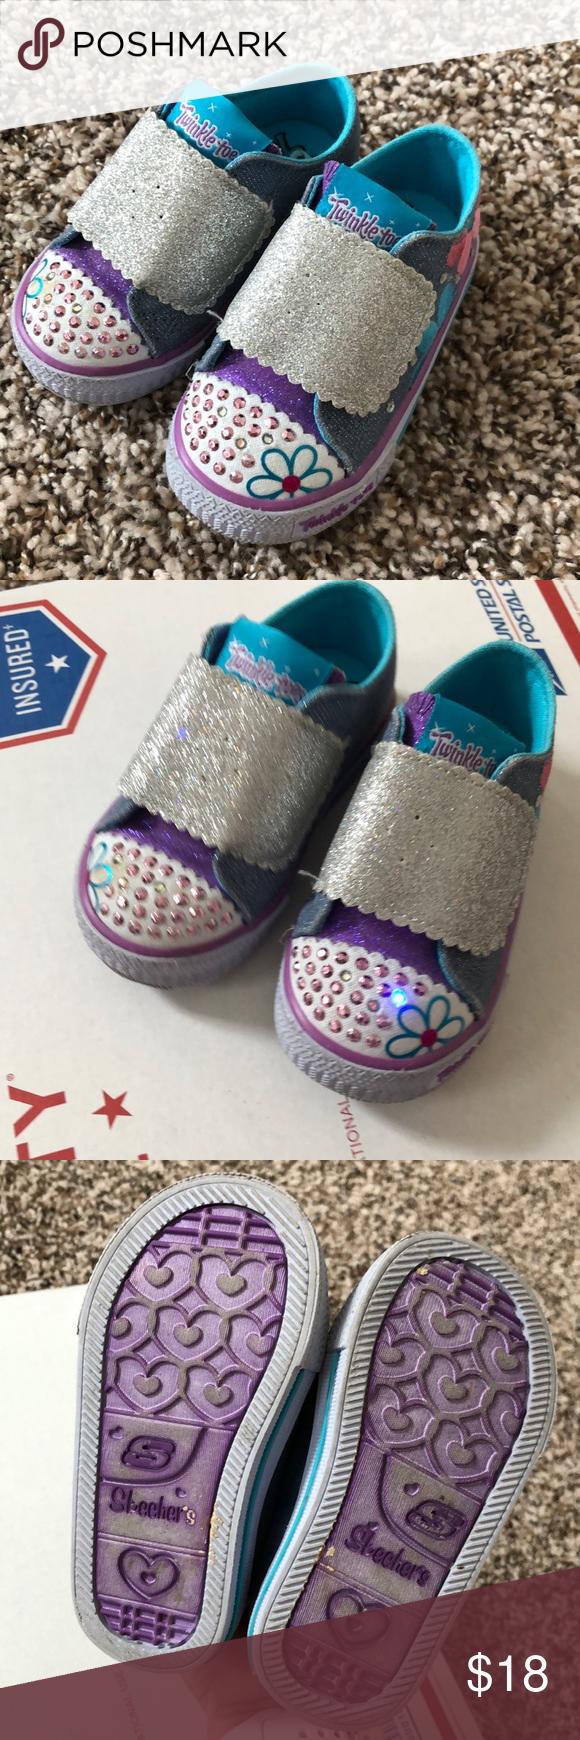 Skechers Twinkle Toes Size 5 | Skechers